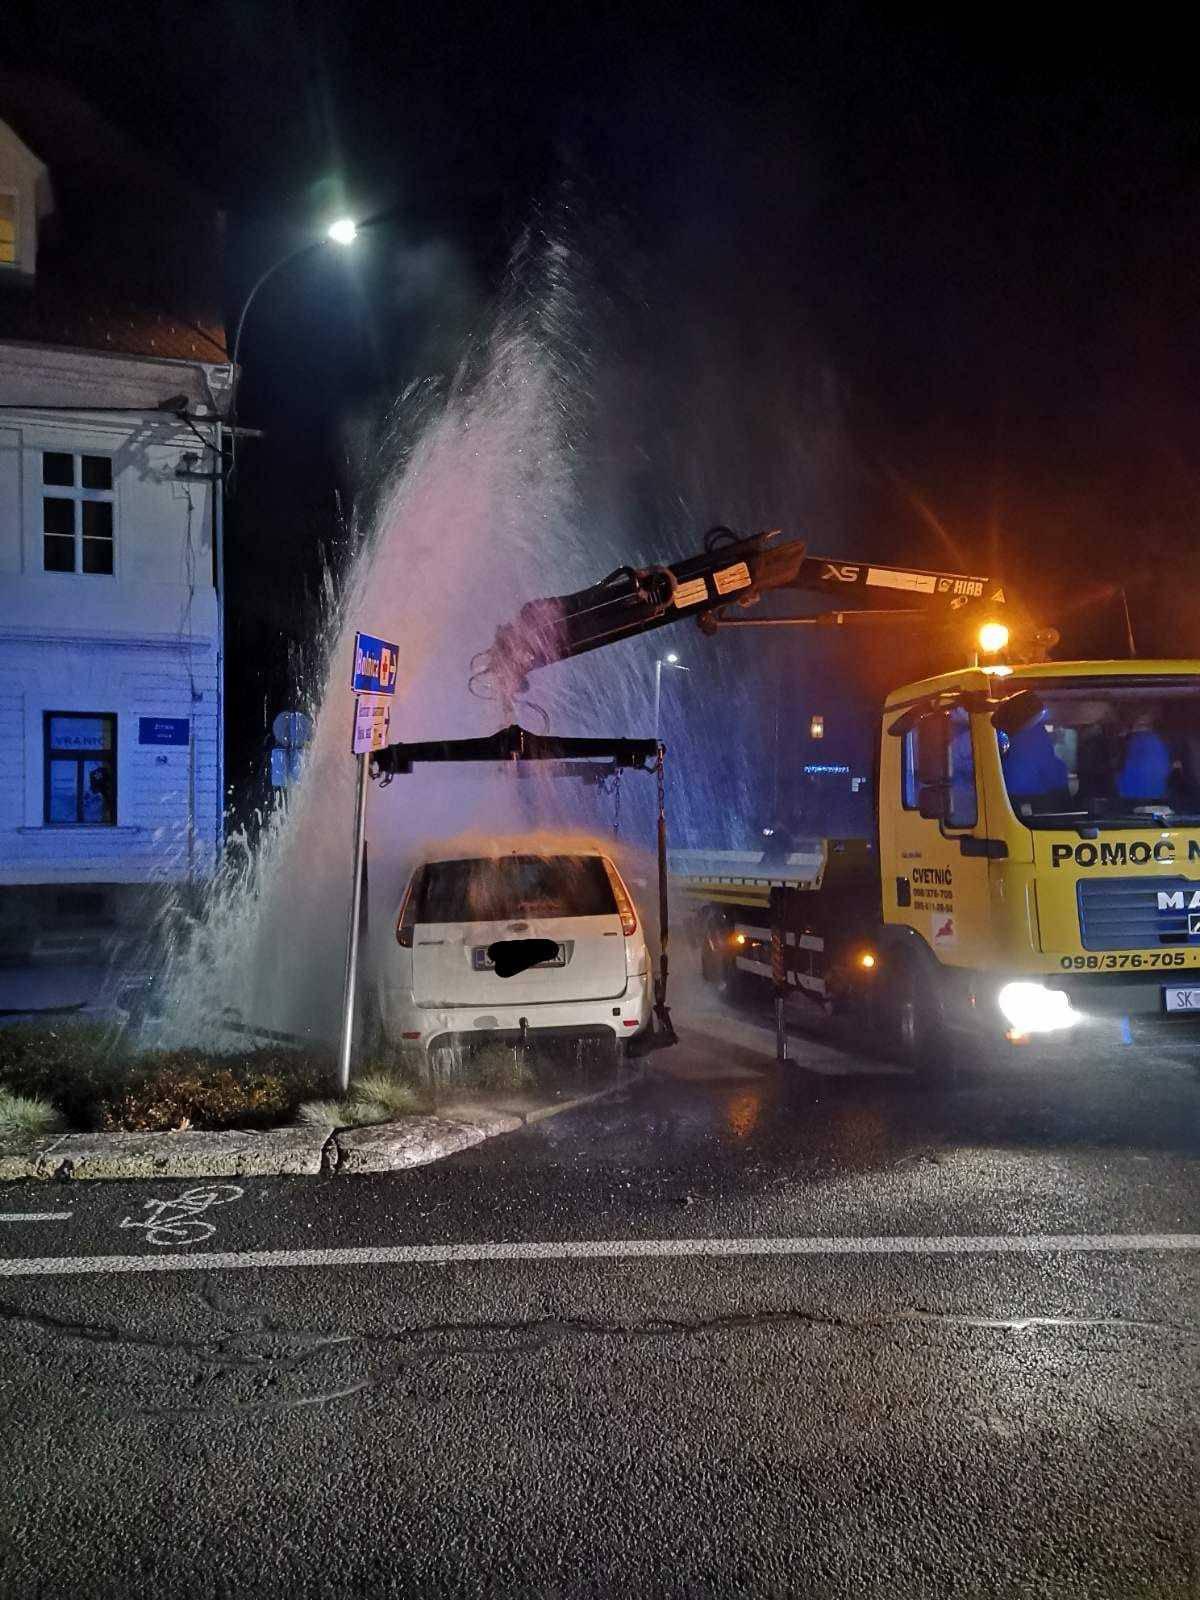 Sisačka fontana: Zabila se u hidrant, mlaz je bio visok 7 m